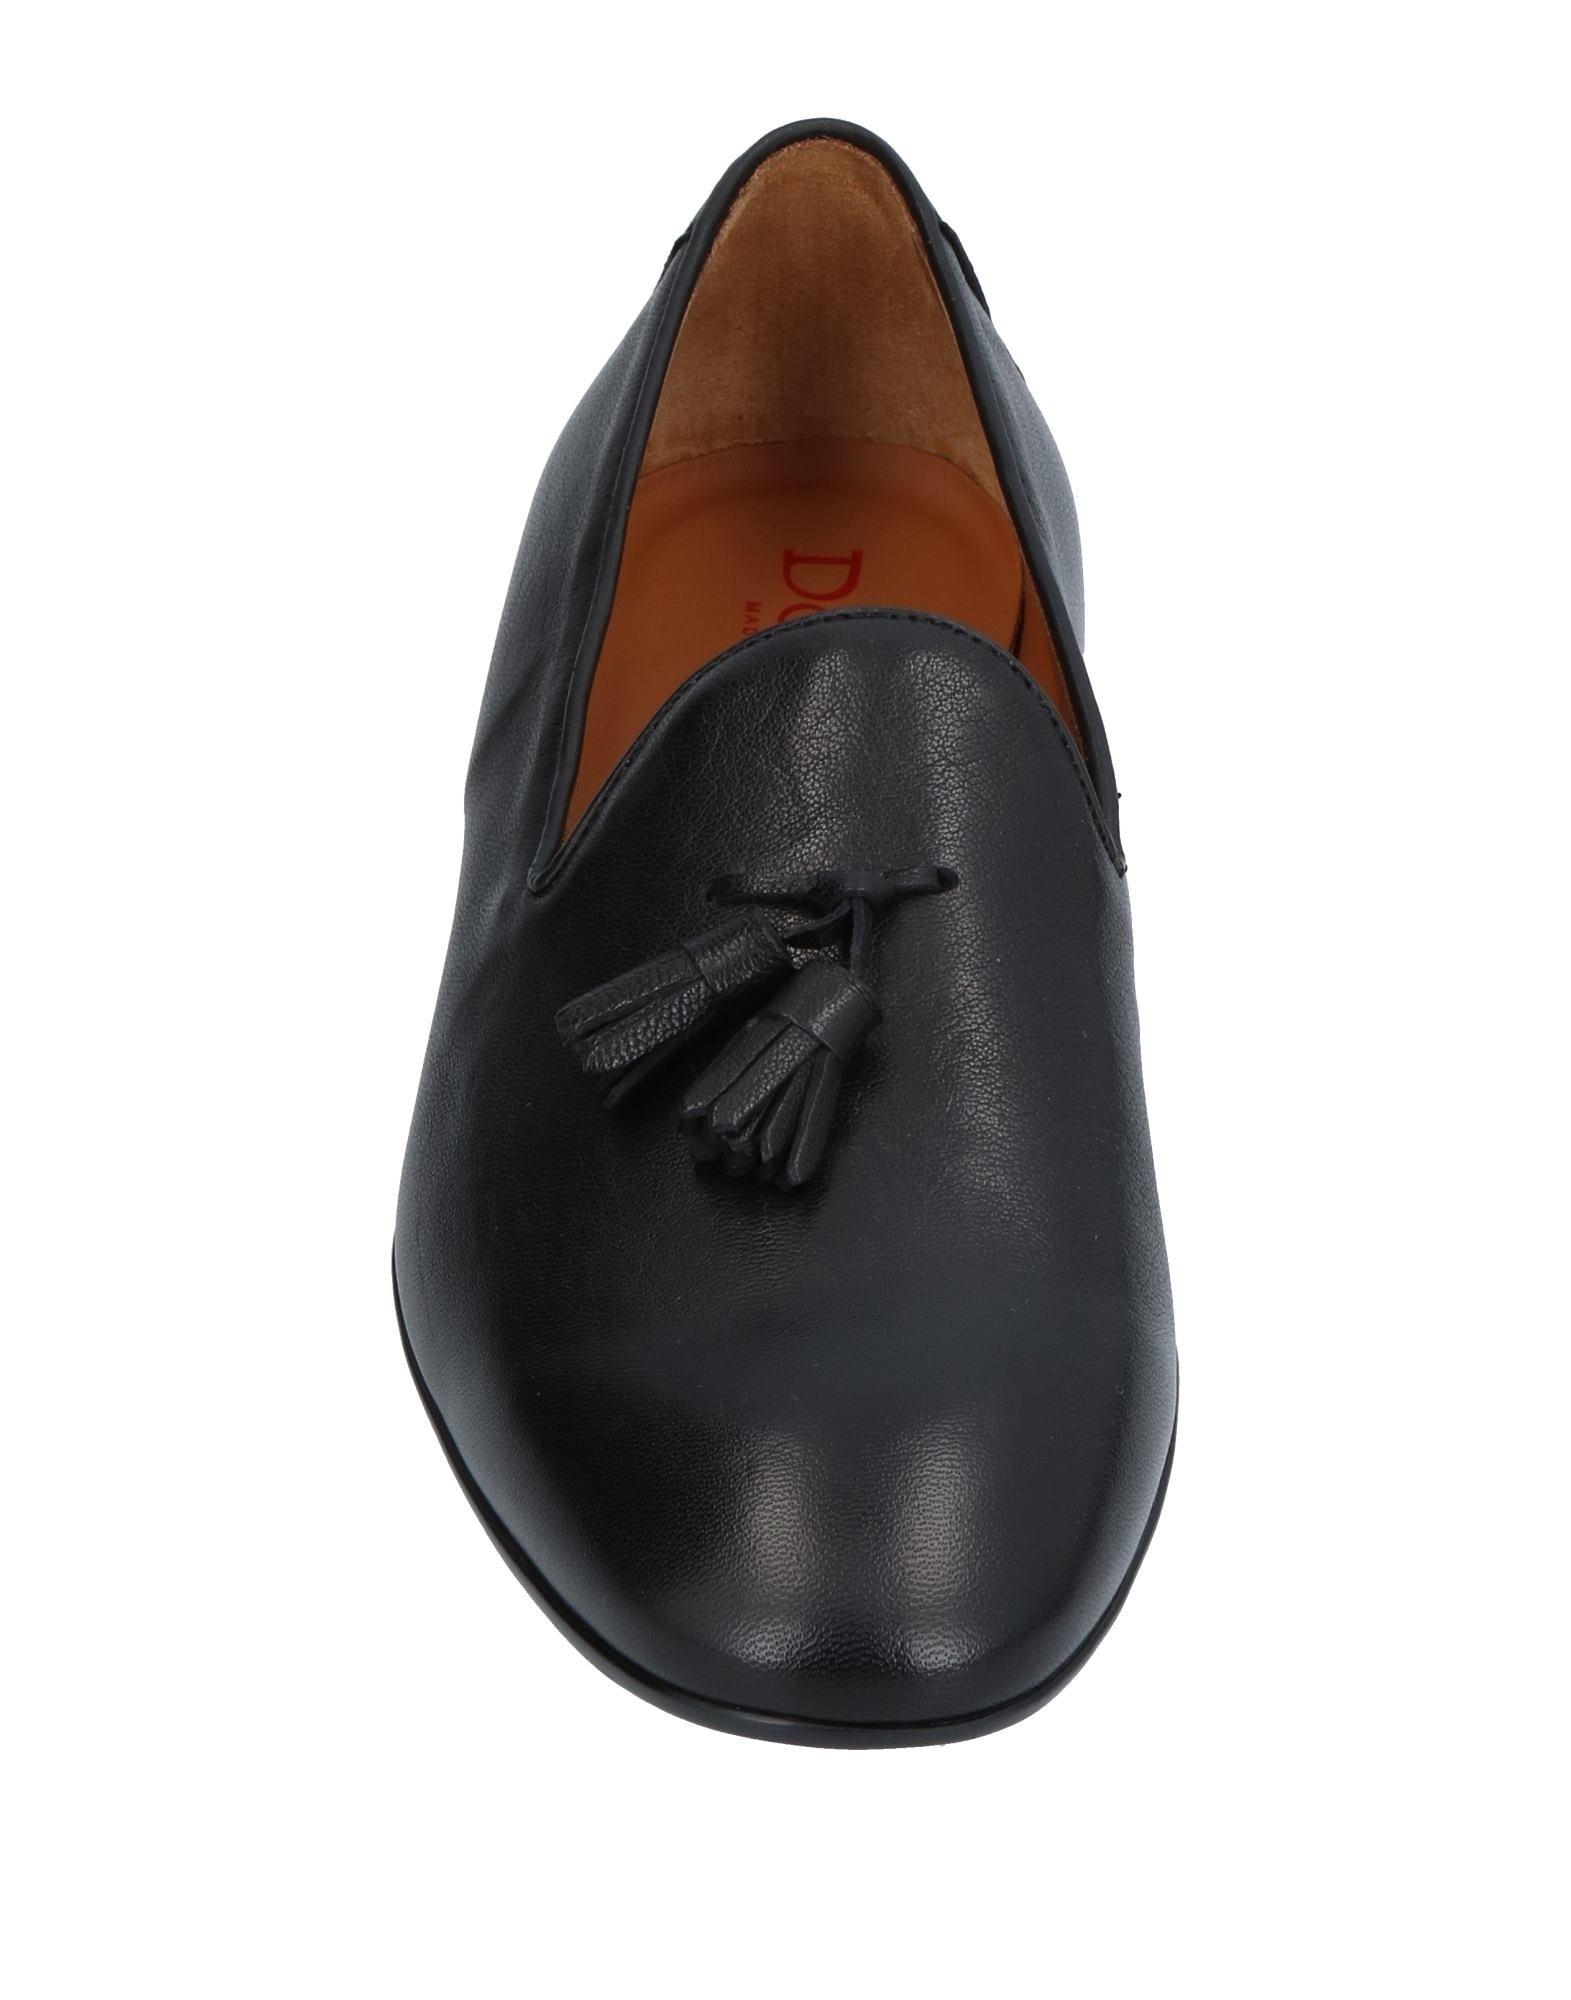 Doucal's Mokassins Herren Schuhe  11391697QX Heiße Schuhe Herren 2c3eb5